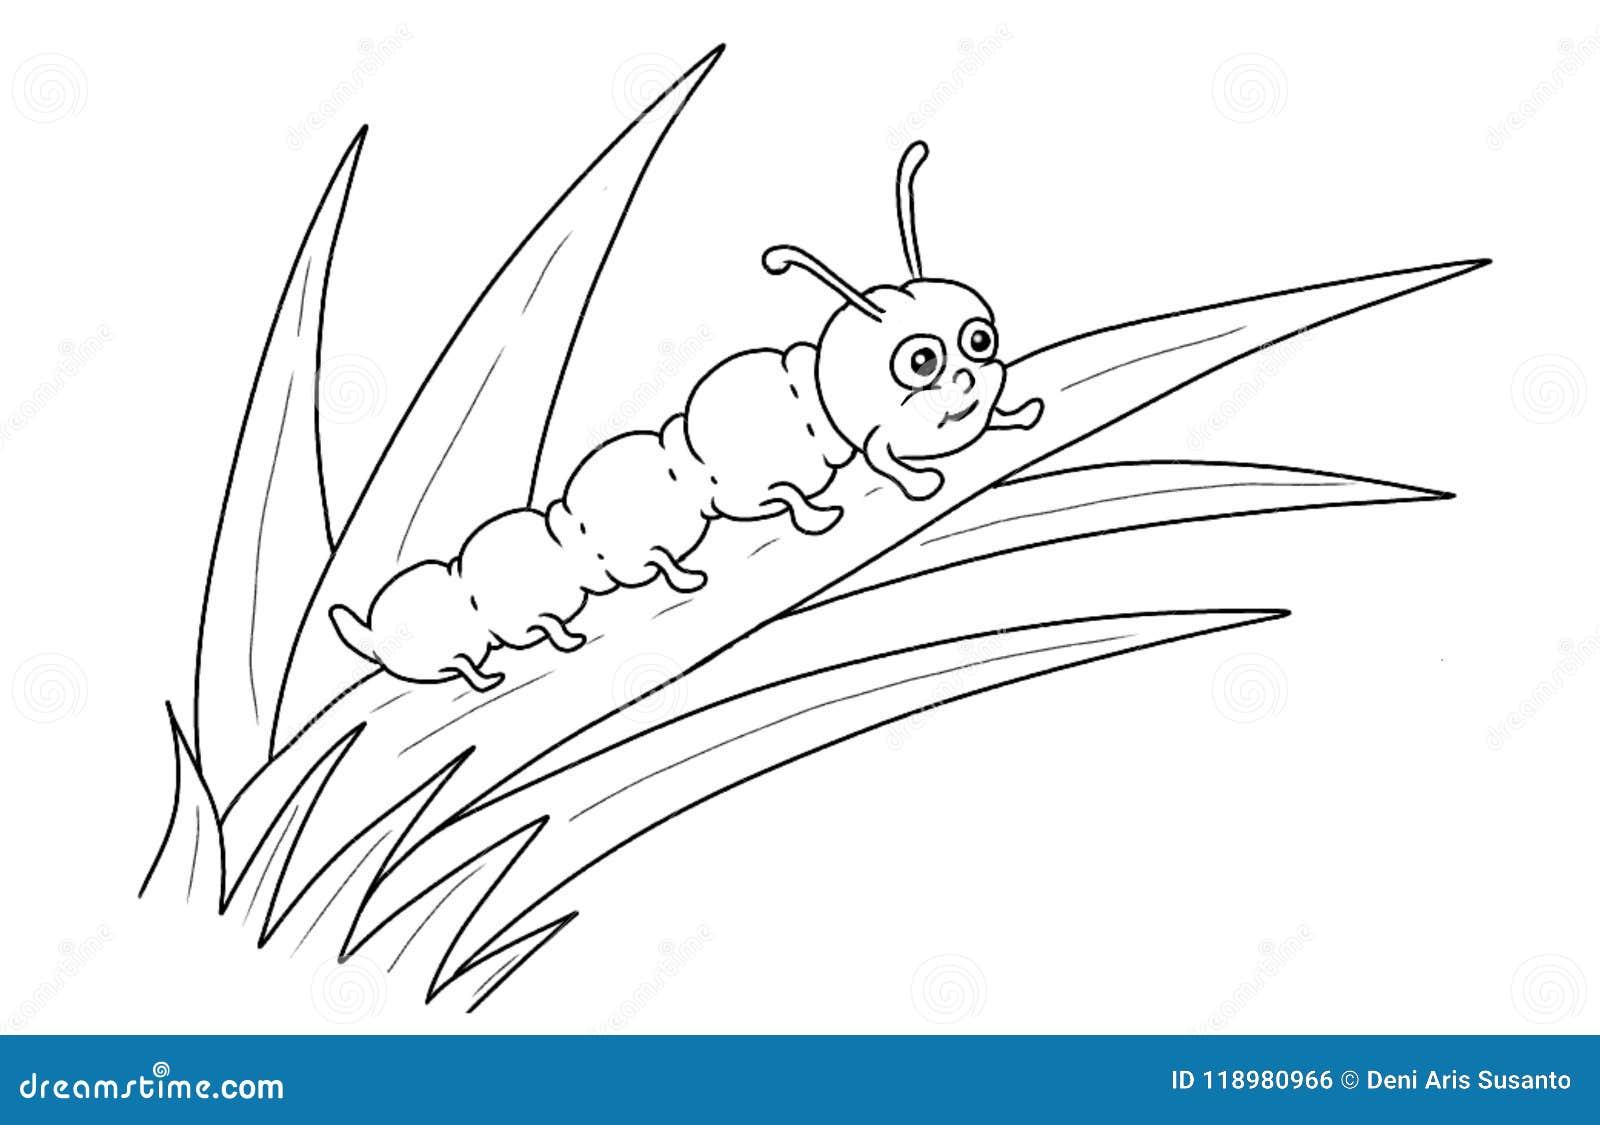 Caterpillar-de pagina van de beeldverhaalkleuring